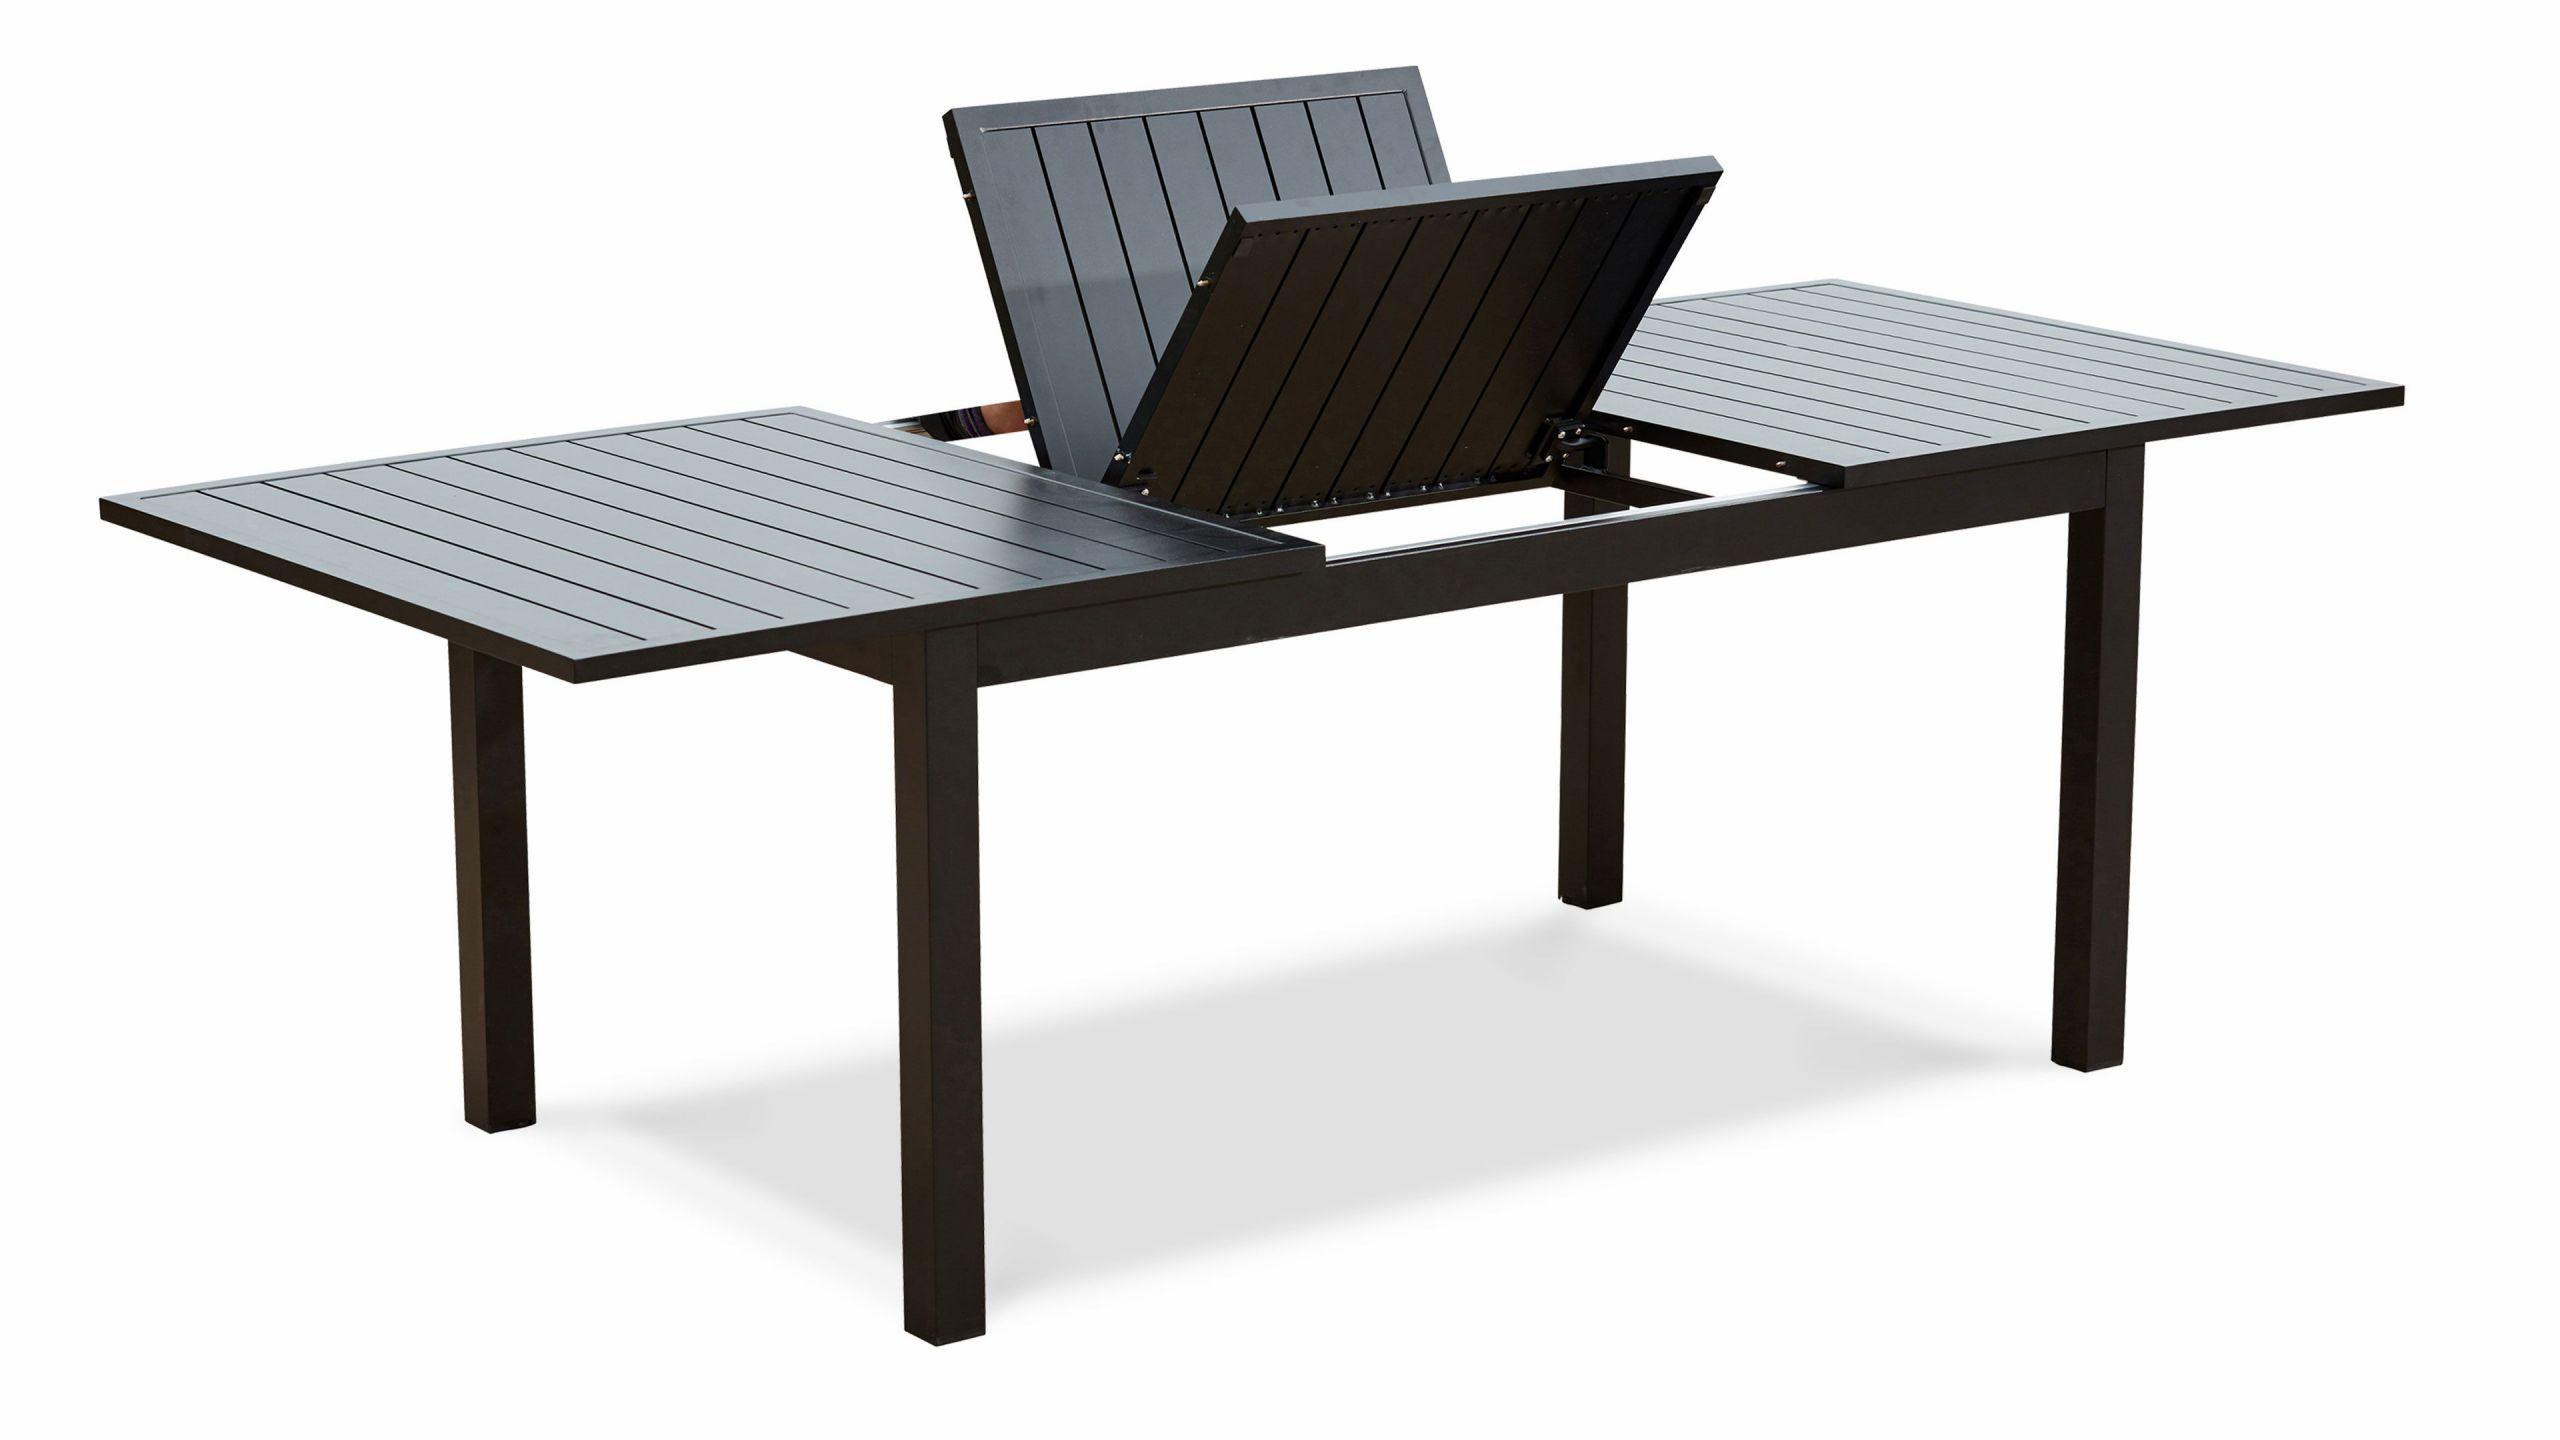 Table De Jardin Extensible Des Idées - Idees Conception Jardin à Table De Jardin En Aluminium Avec Rallonge